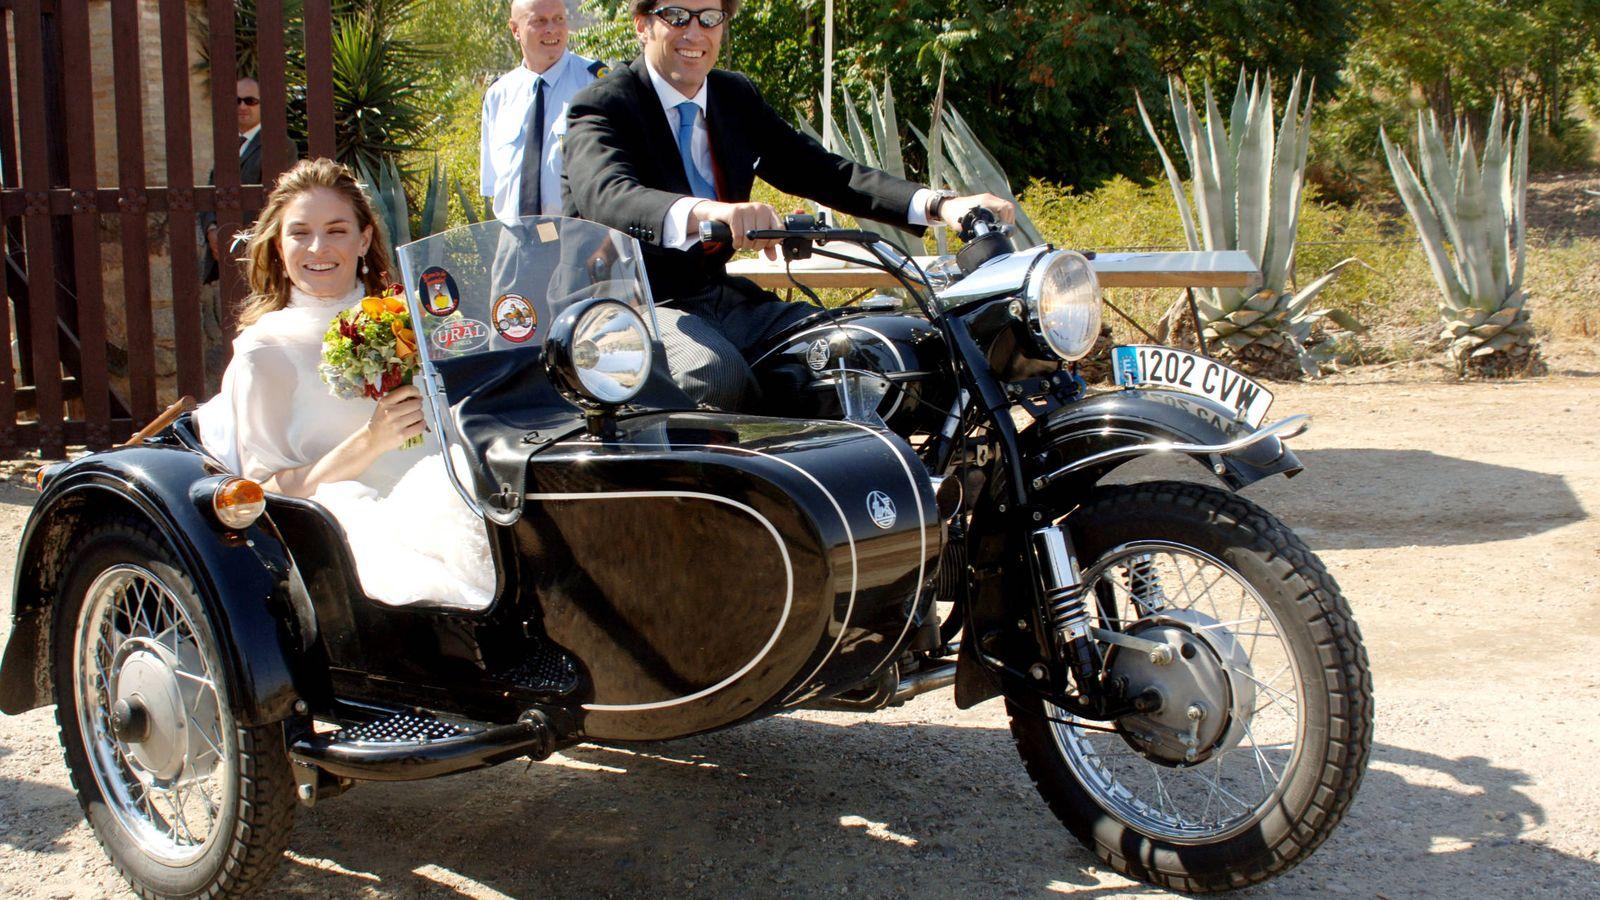 Foto: Nathalie Picquot, CEO de Twitter España, el día de su boda en Toledo con Álvaro Fernández de Araoz Gómez-Acebo en 2005. (Korpa)